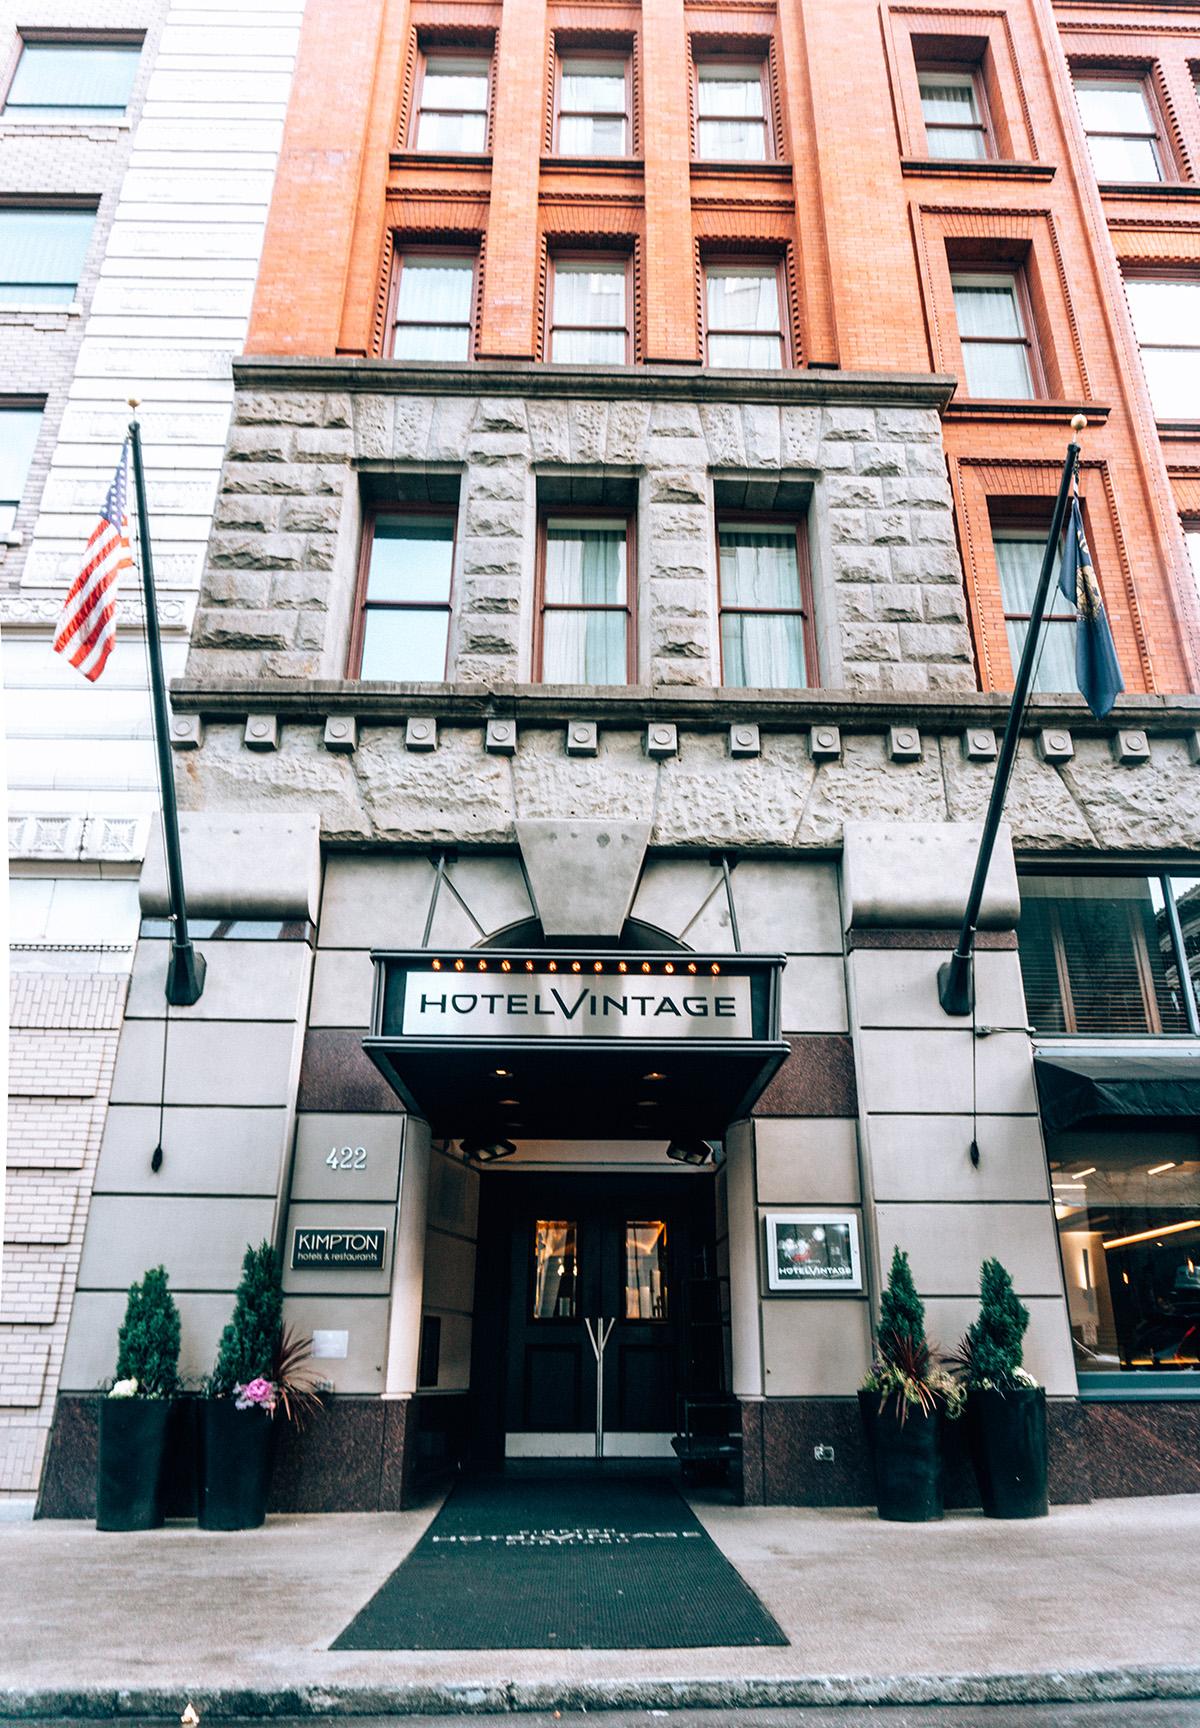 Hotel Vintage front entrance